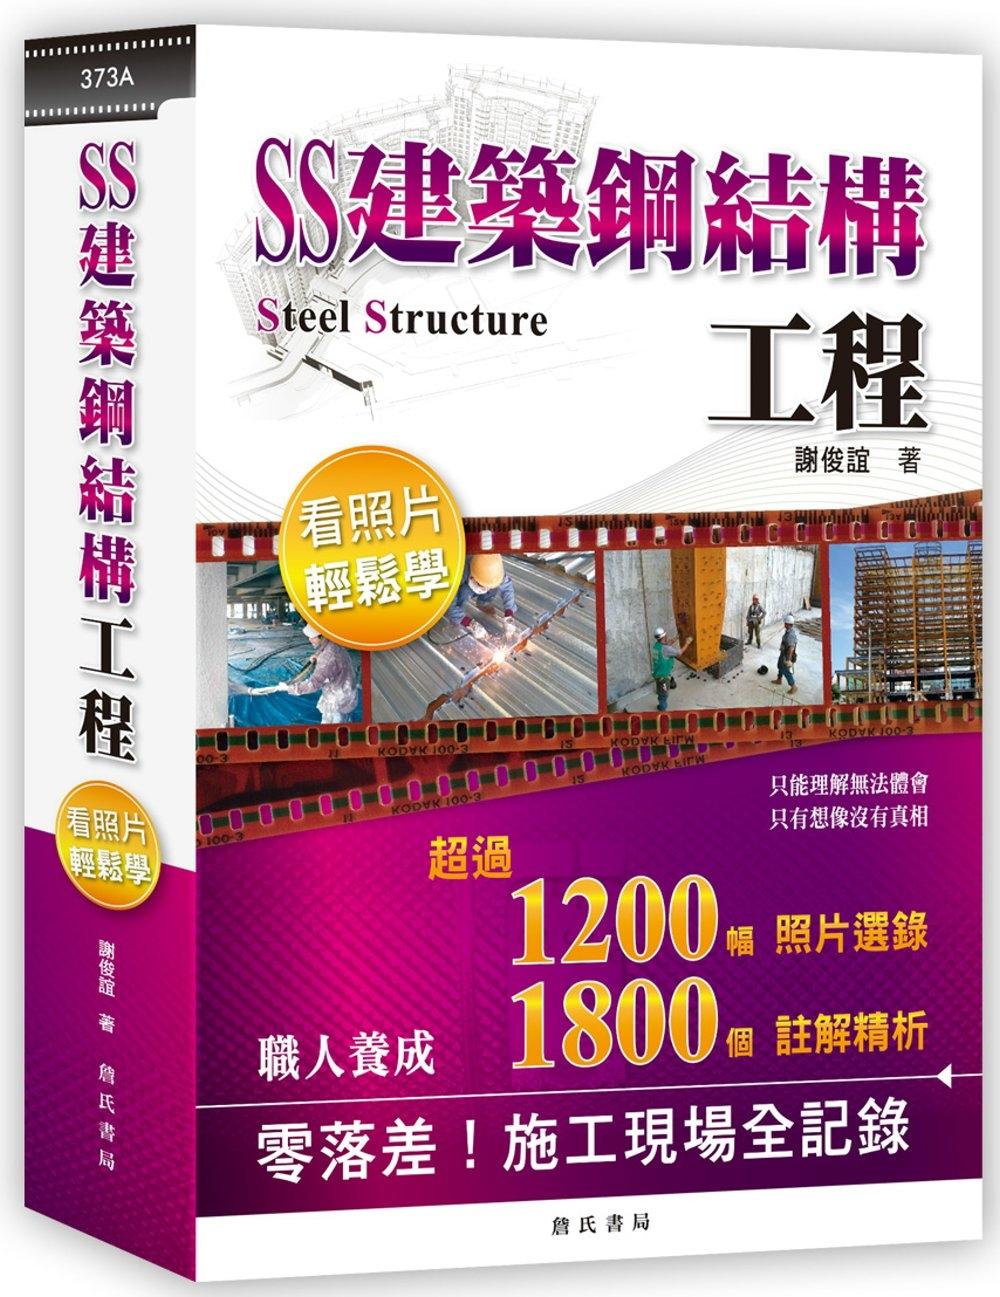 SS建築鋼結構工程看照片輕鬆學(二版)